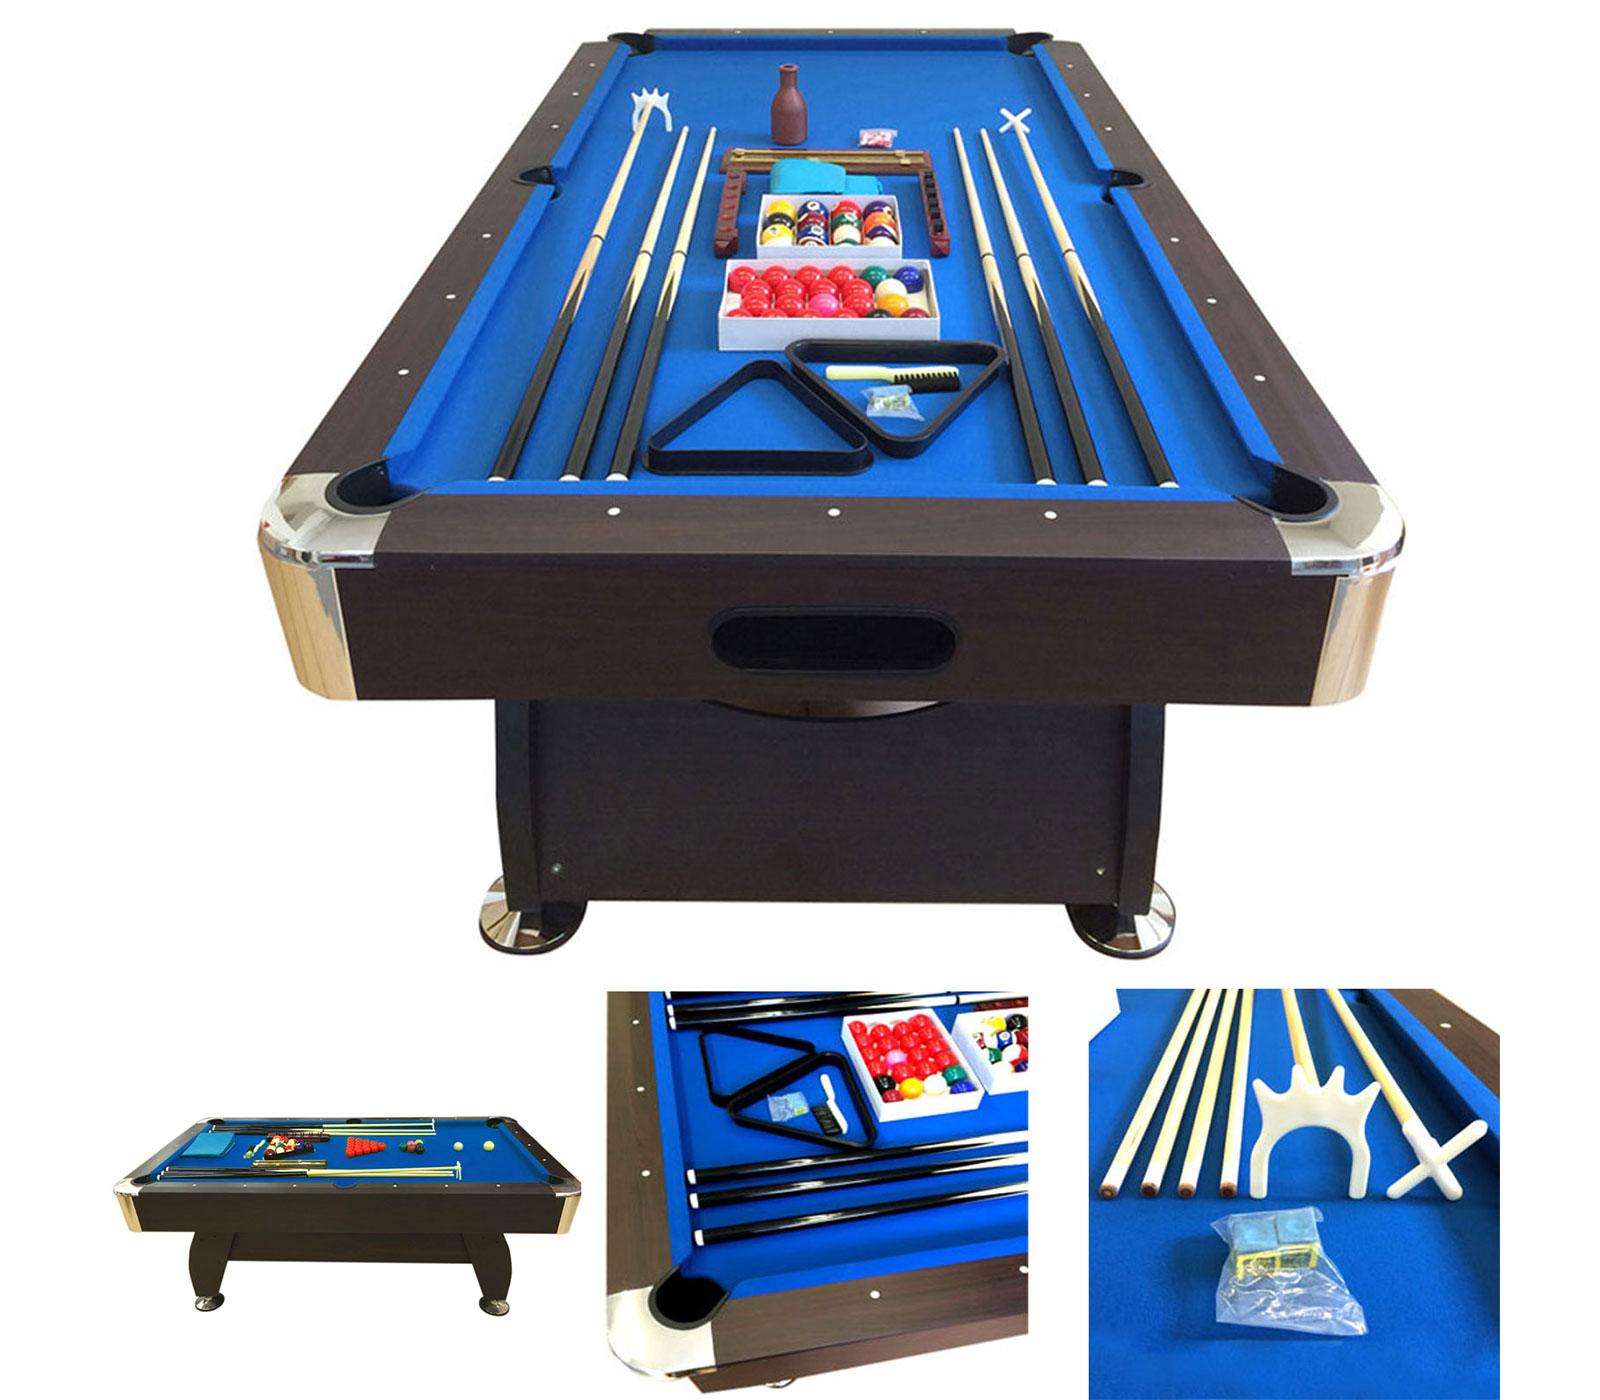 POOL-TABLE-8FT-VINTAGE-BLUE